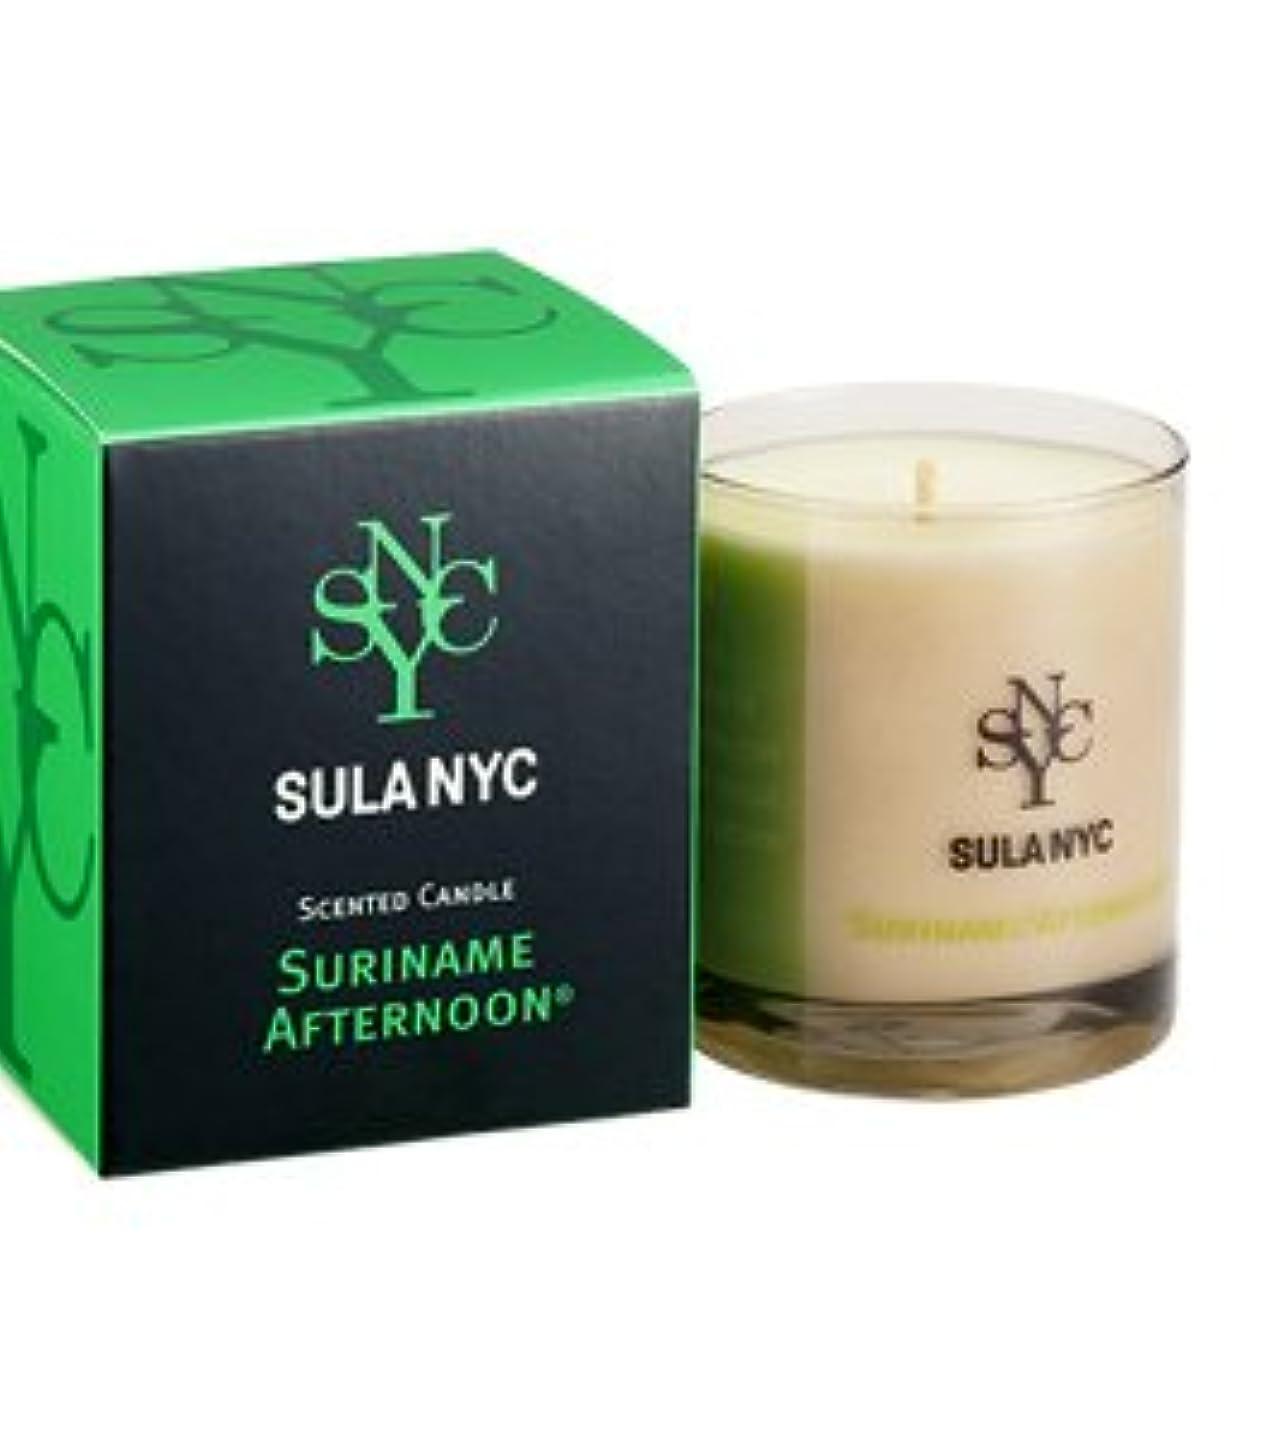 松の木靴下貧しいSULA NYC CANDLE グラス キャンドル 190g SURINAME AFTERNOON スリナム?アフタヌーン 燃焼時間:約45時間 スーラNYC